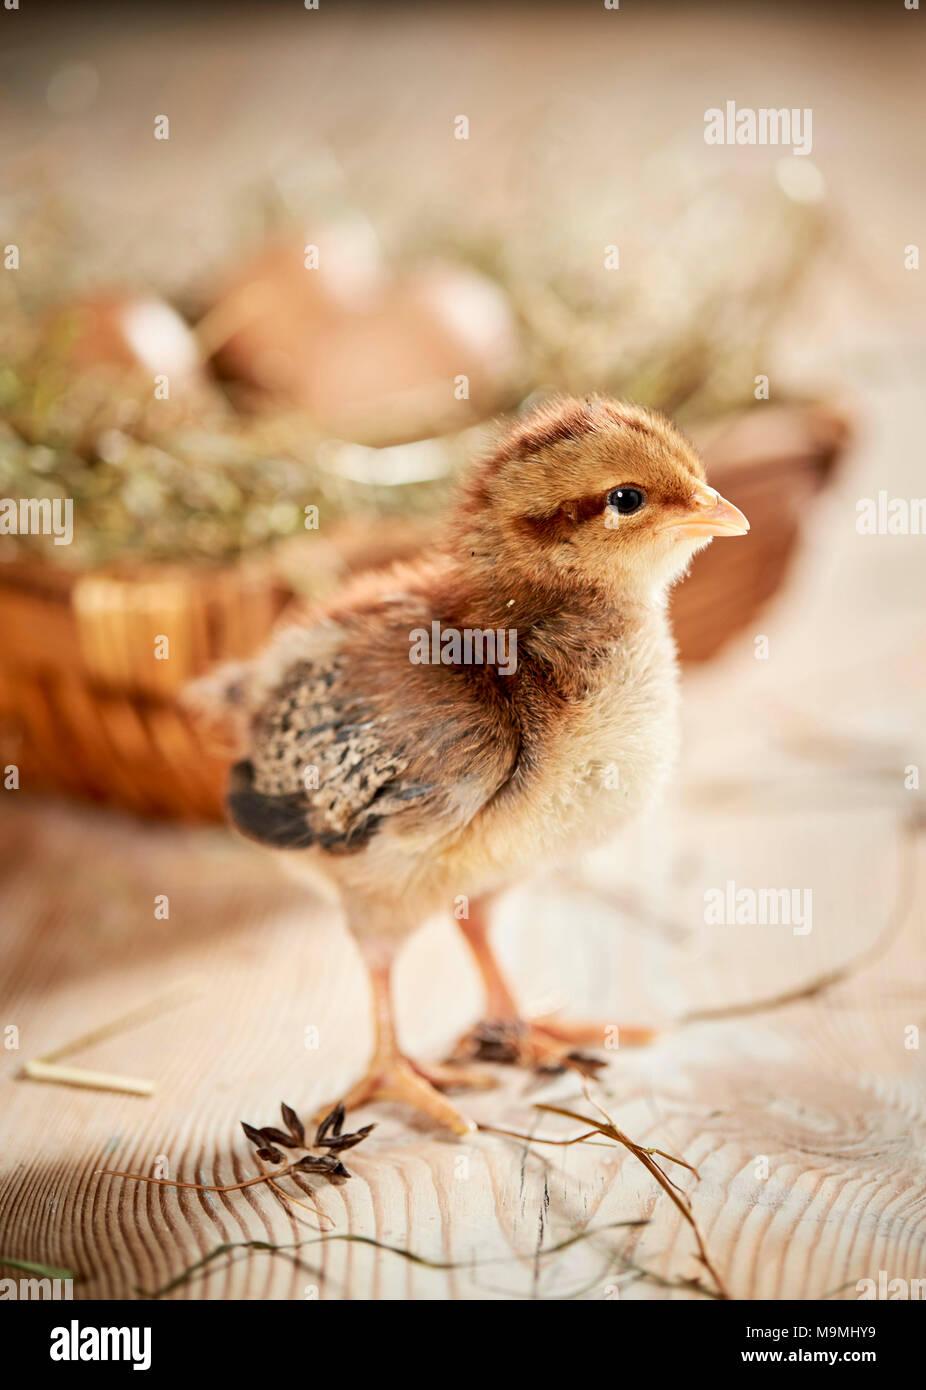 Welsummer poulet. Le poulet debout sur le bois, en face du nid avec des oeufs. Allemagne Photo Stock